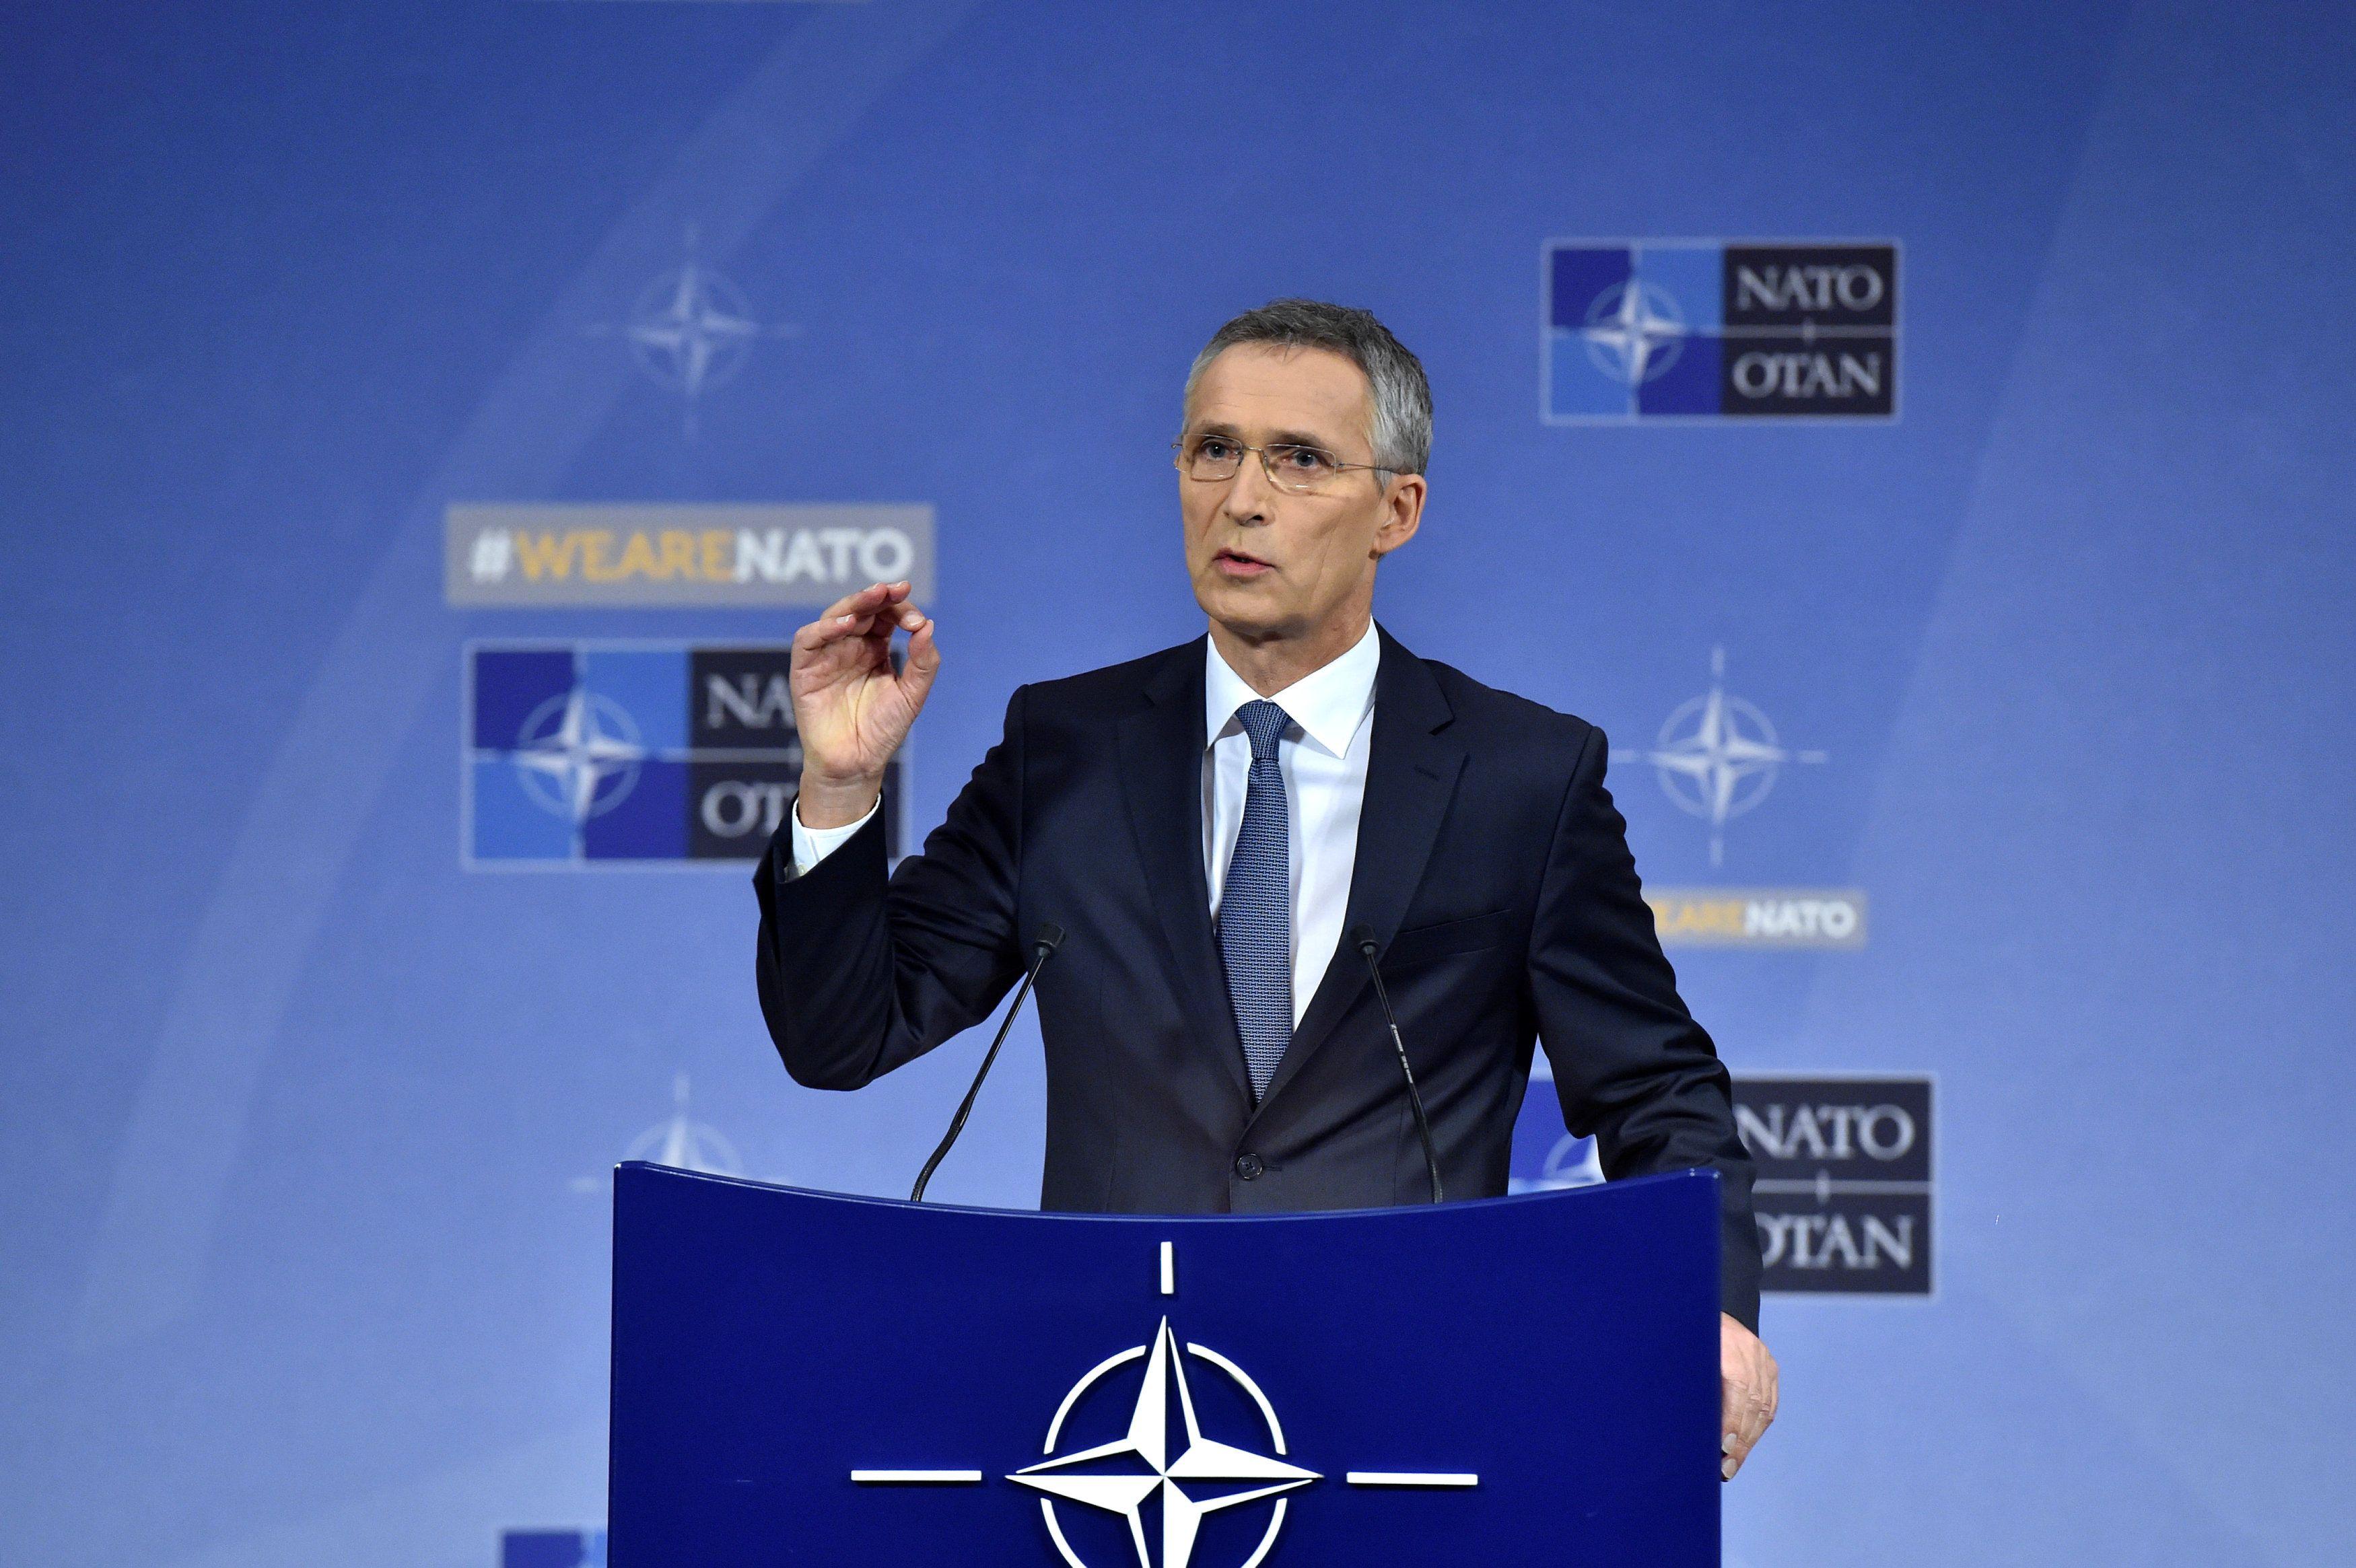 Йенса Столтенберга призвали вмешаться в спор Украины с Венгрией